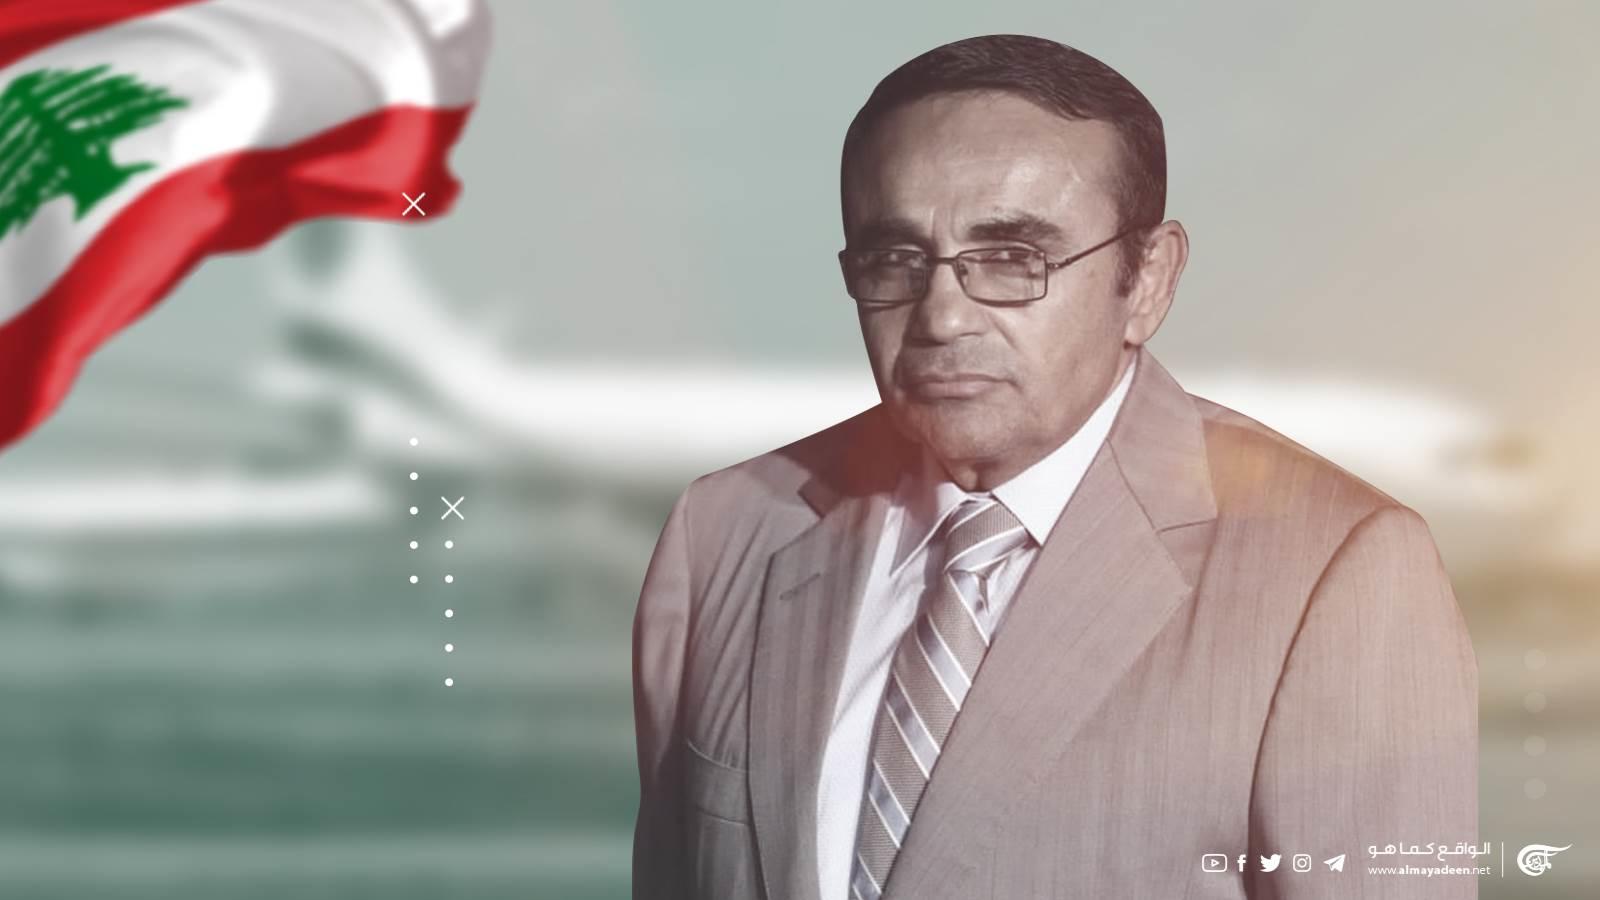 رجل الأعمال اللبناني قاسم تاج الدين وصل إلى مطار بيروت.